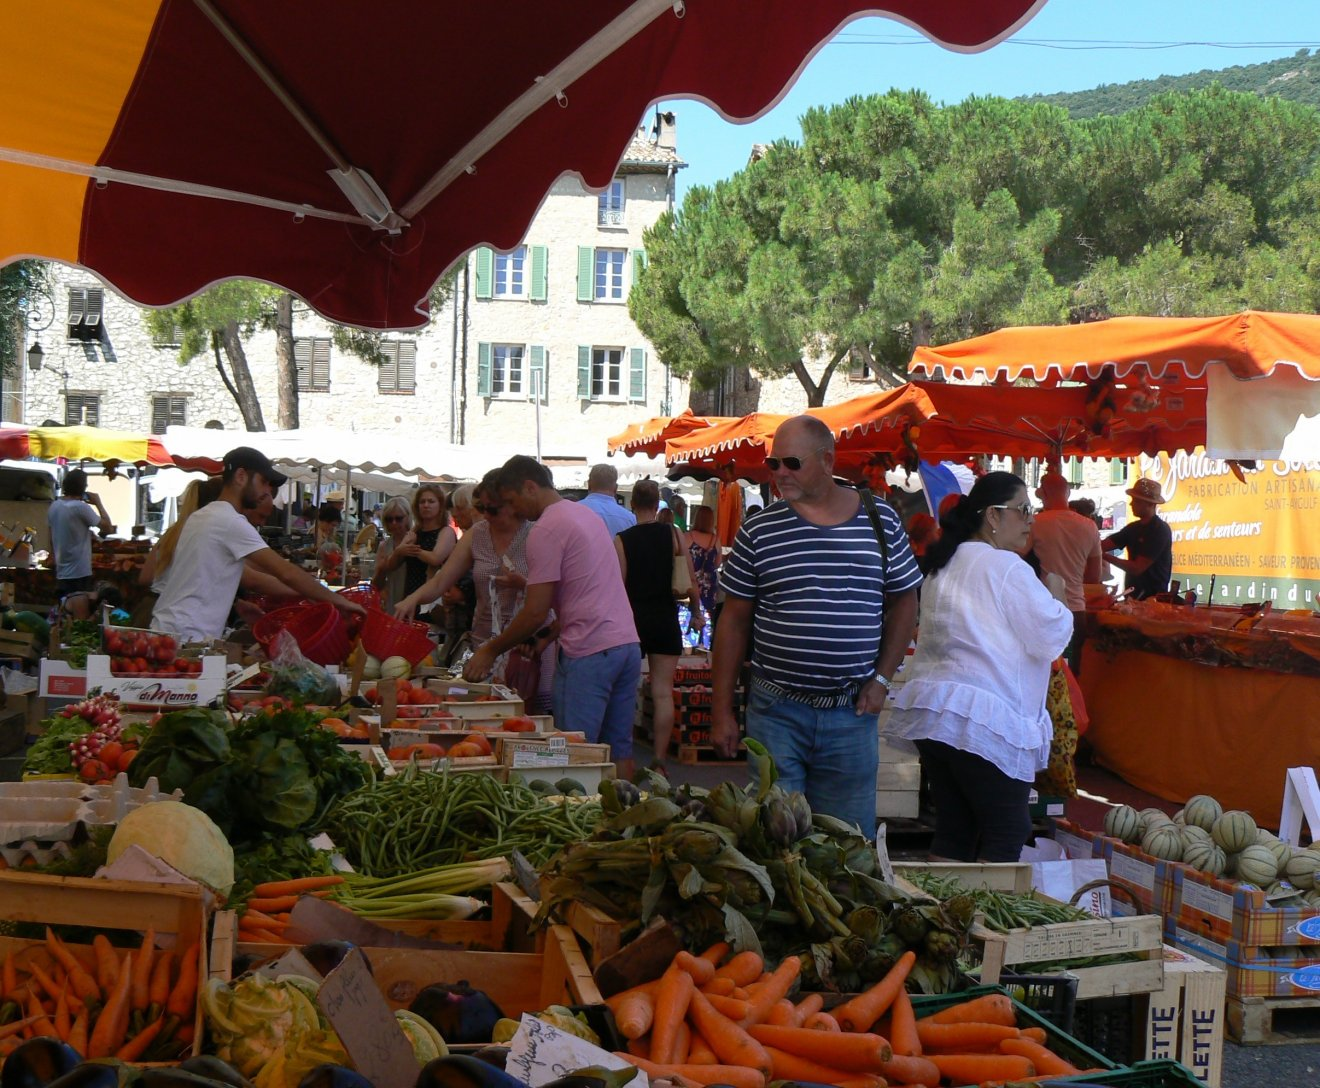 Le marché du mercredi, le plein en vitamines!